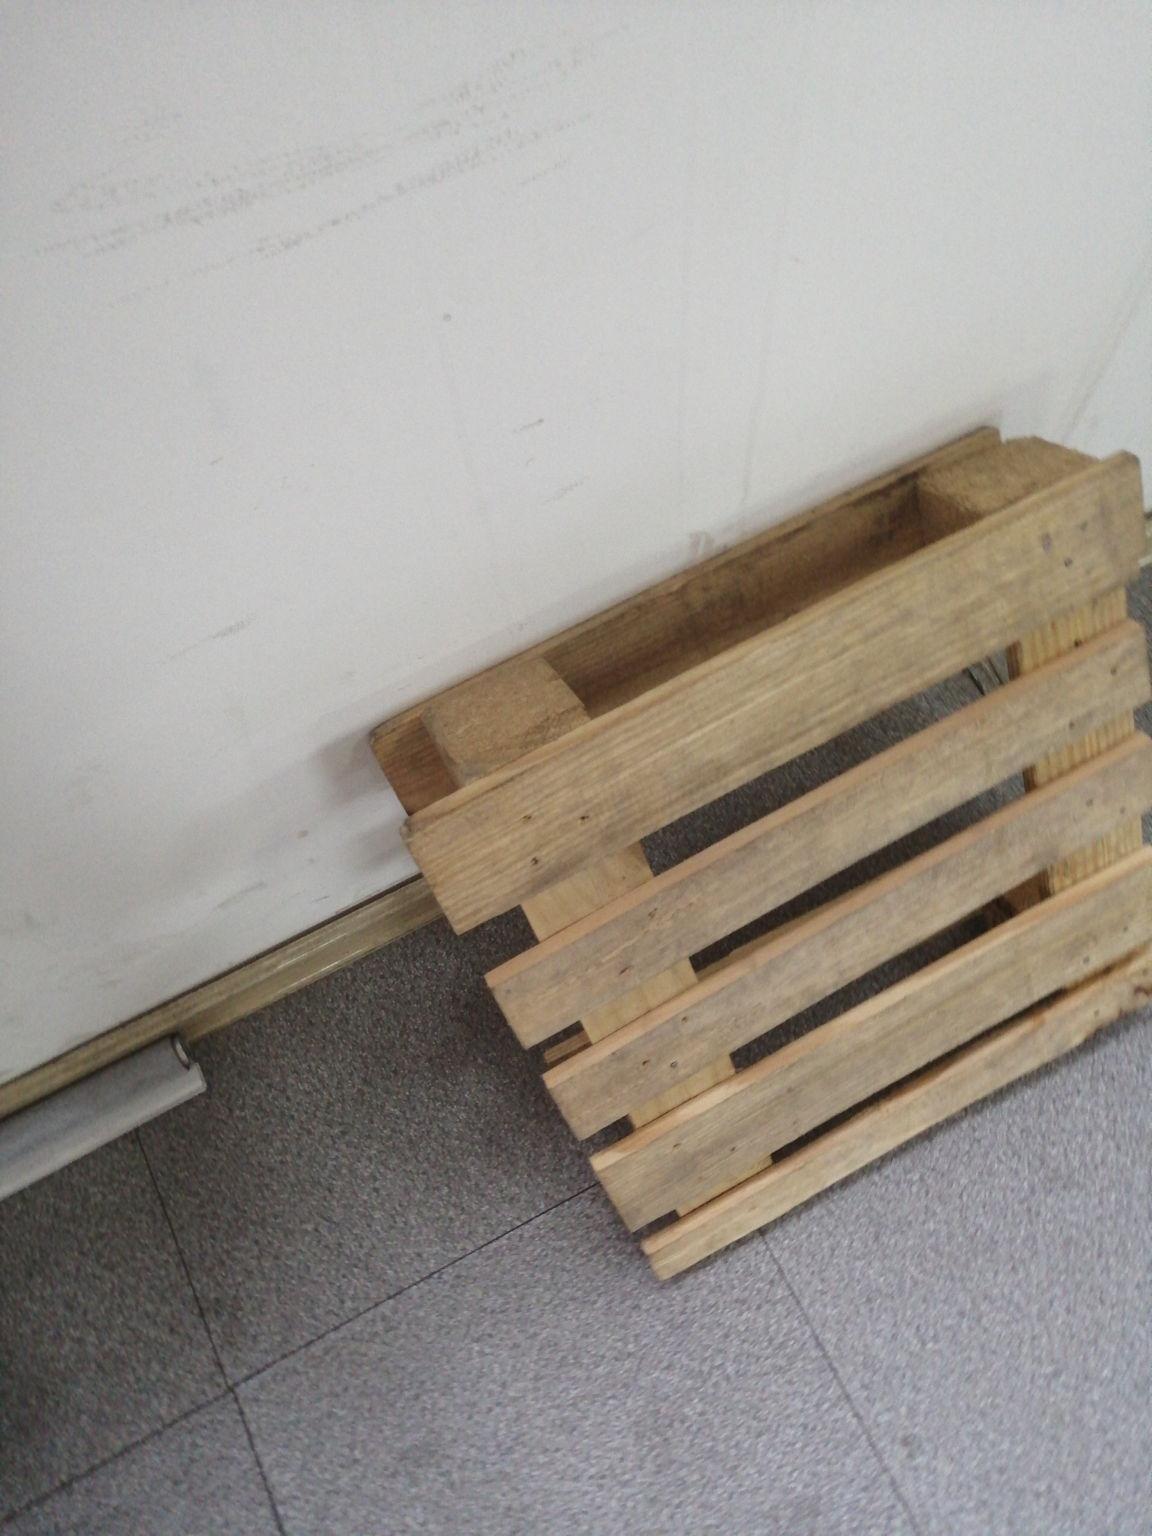 宜??,♂㍡ ◎❤泰氏托盘价??,[☢☐!✡1.9吨起步.全套?,⊙♫?含工具、工艺材